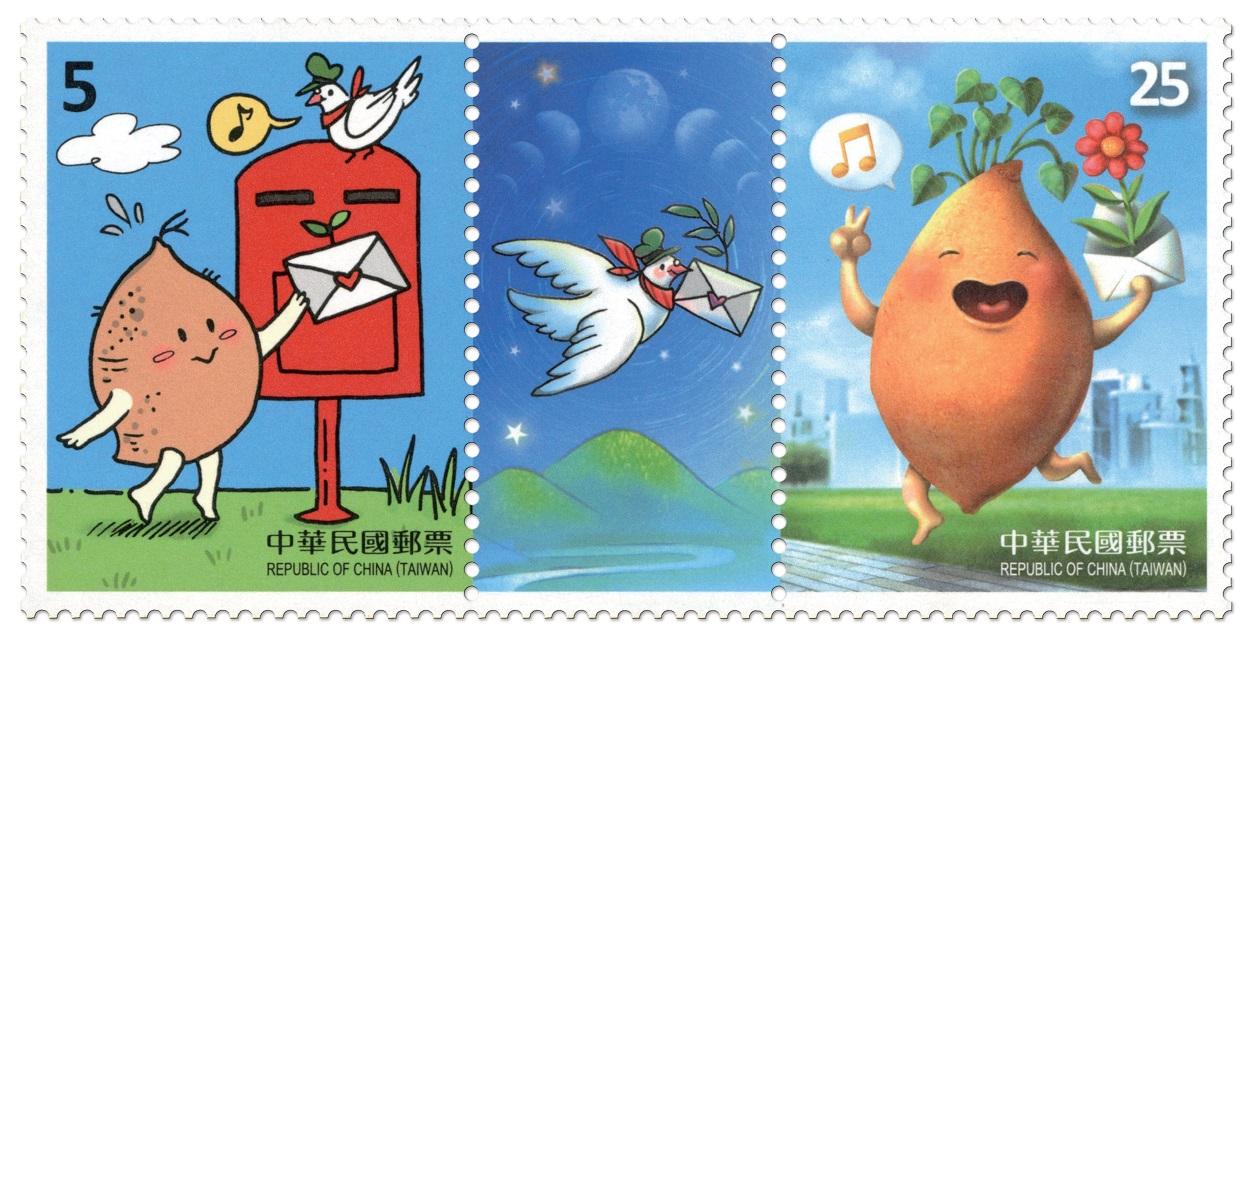 臺北2016世界郵展郵票-樂享動漫趣